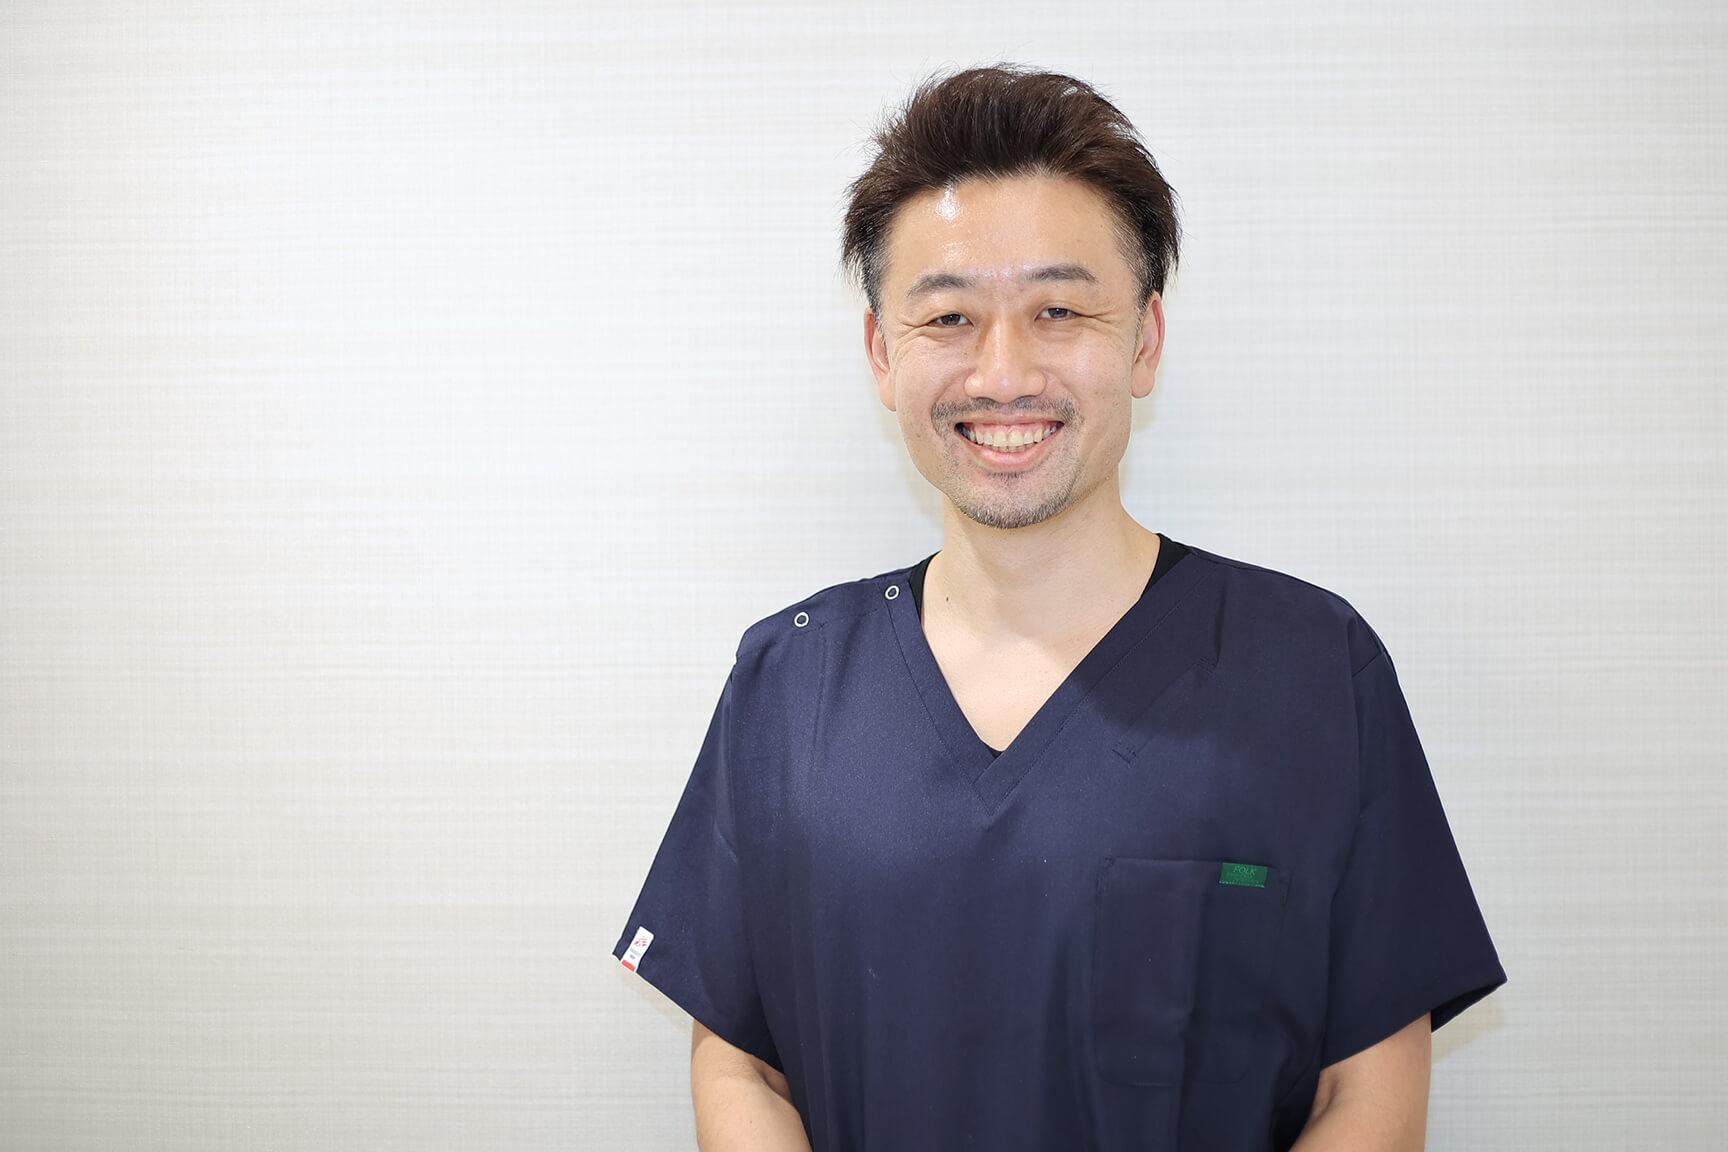 医療法人社団慈恵会 理事長 中嶋歯科医院 院長 中嶋 顕